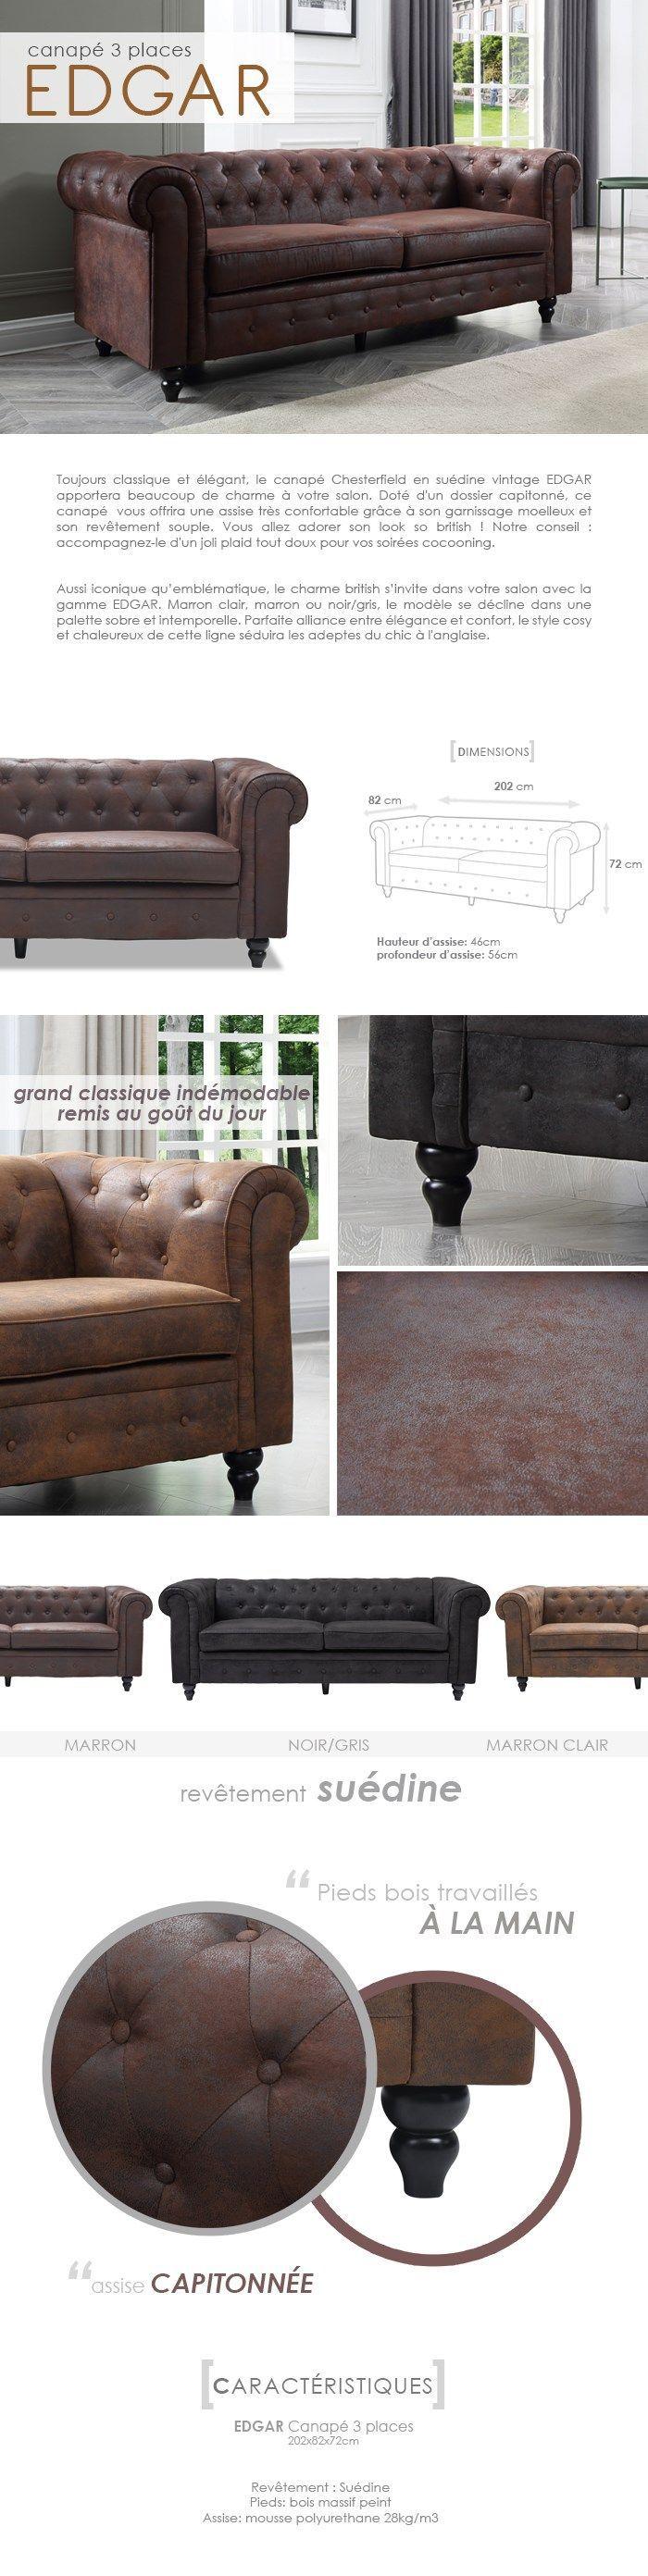 EDGAR Canapé Chesterfield droit fixe 3 places - Tissu microfibre marron clair - Vintage - L 202 x P 82 cm